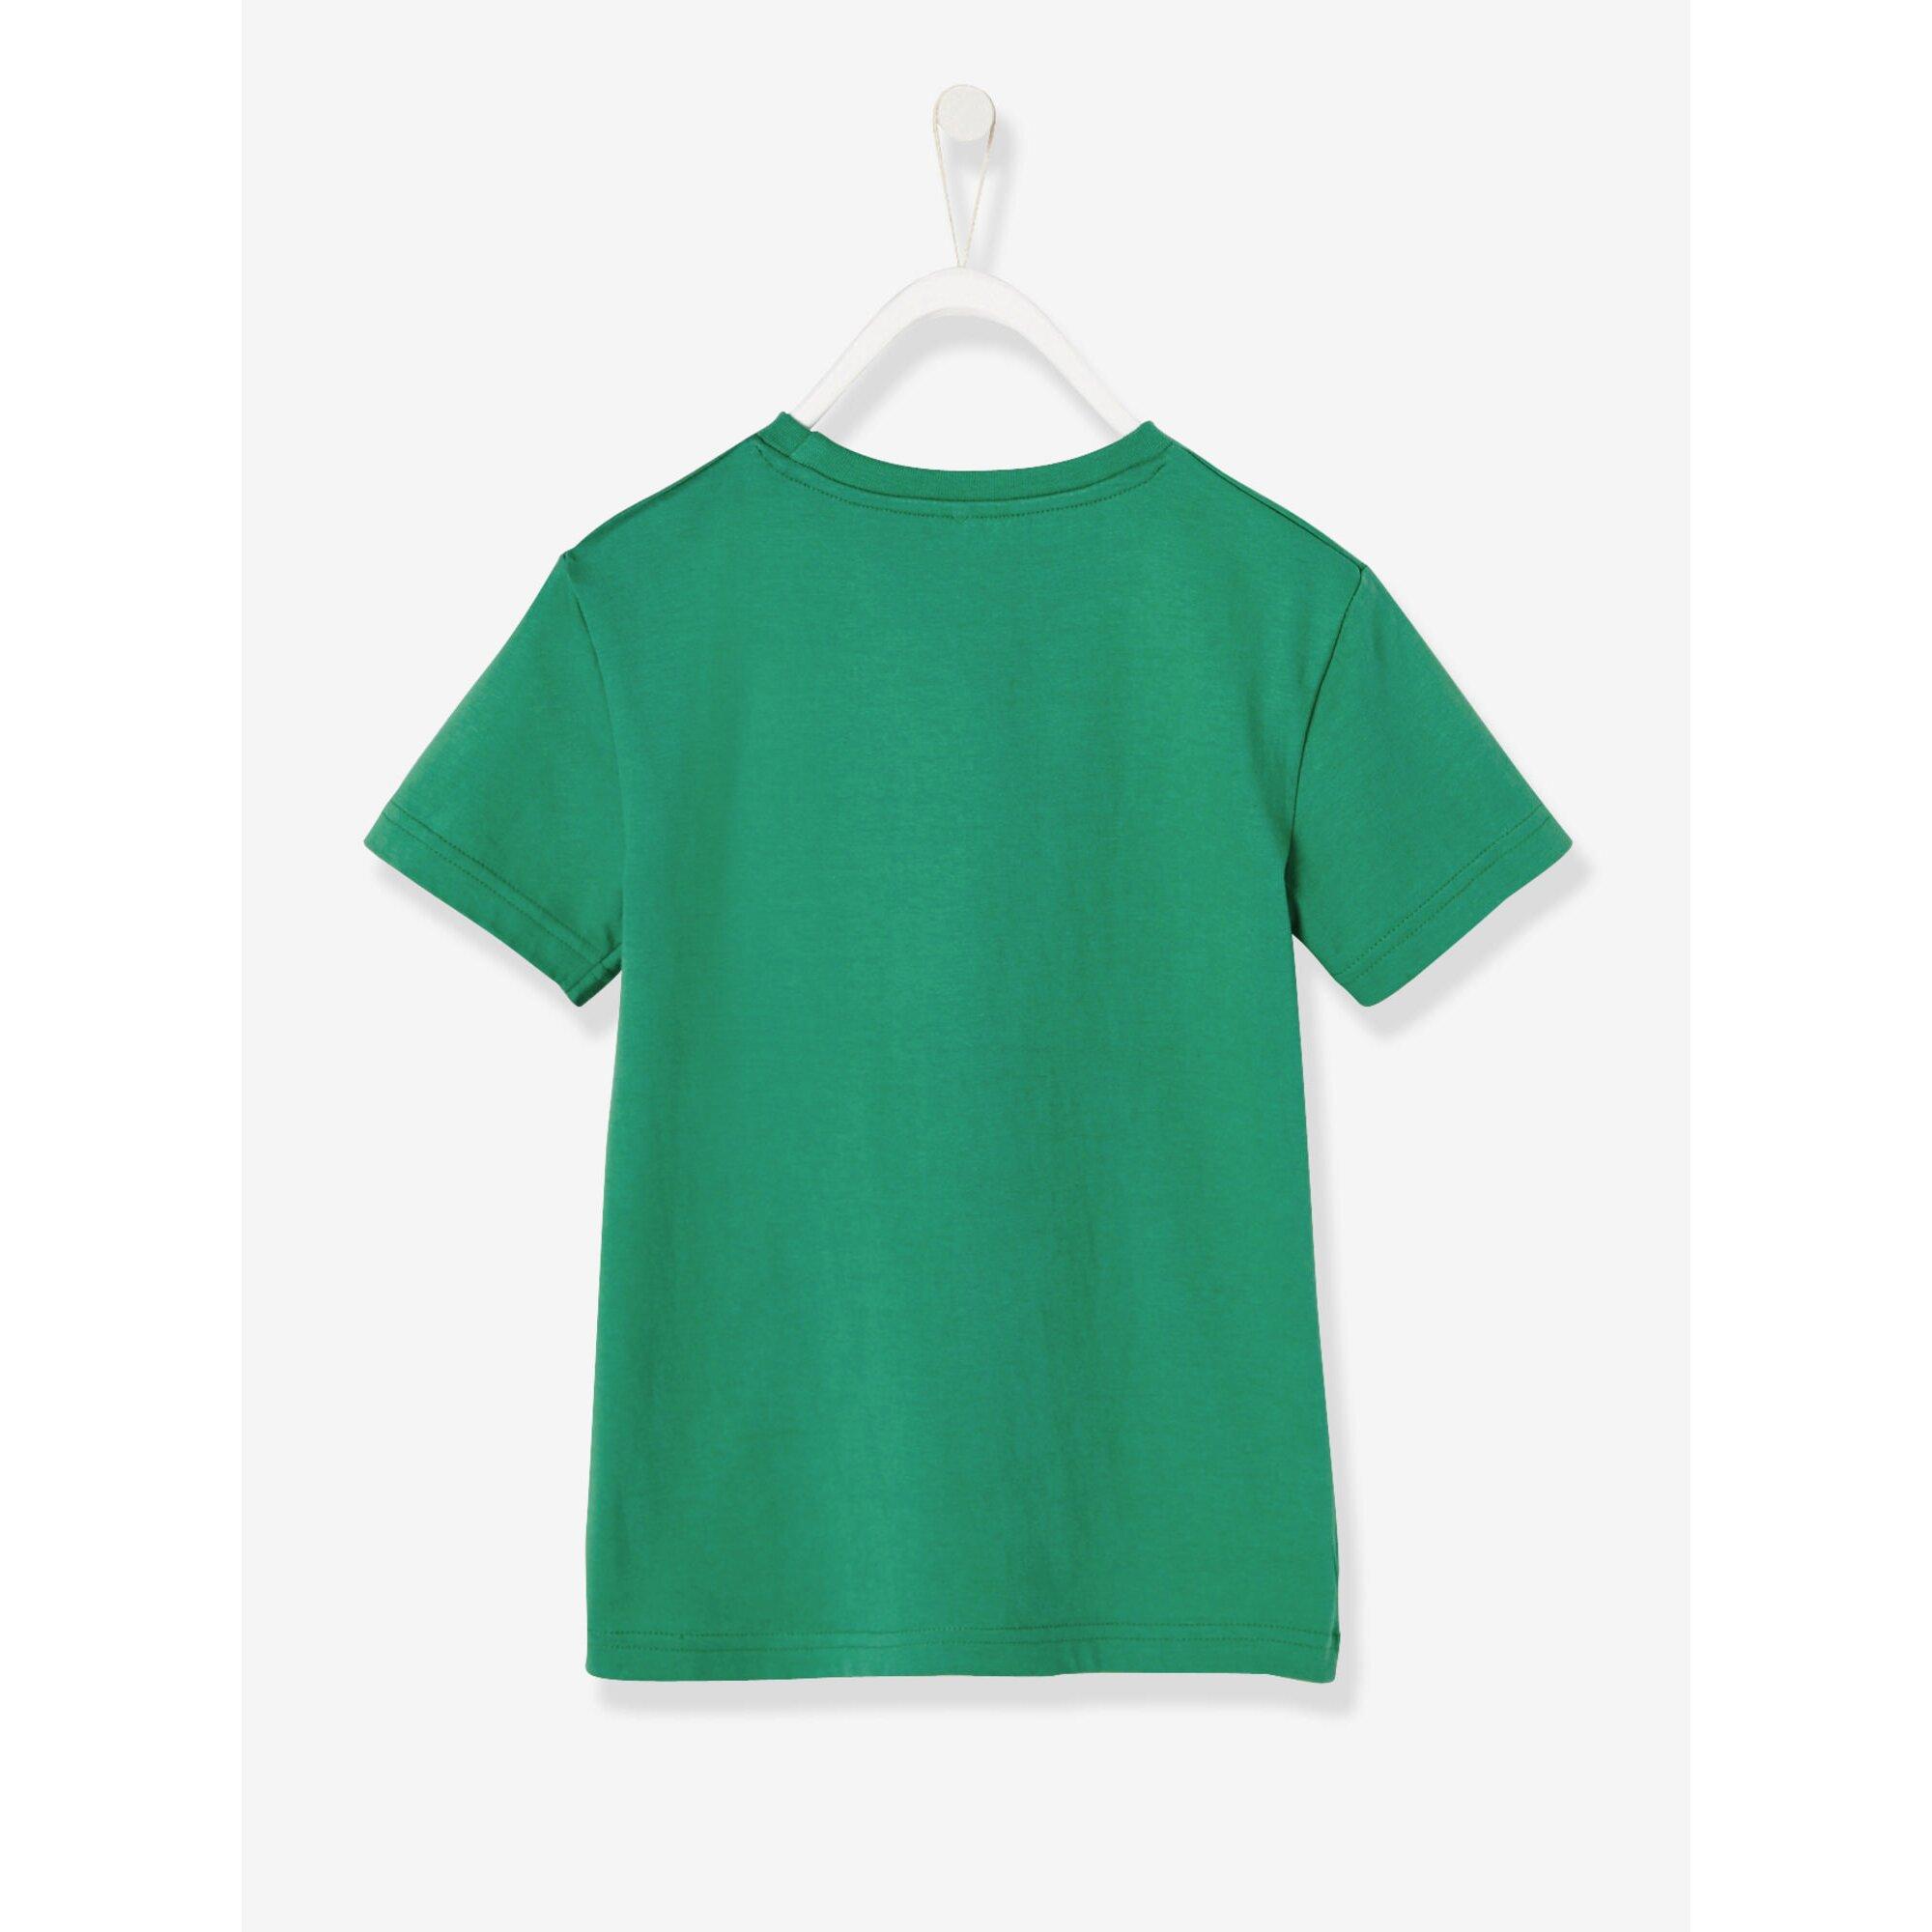 vertbaudet-t-shirt-fur-jungen-aufdruck, 10.99 EUR @ babywalz-de